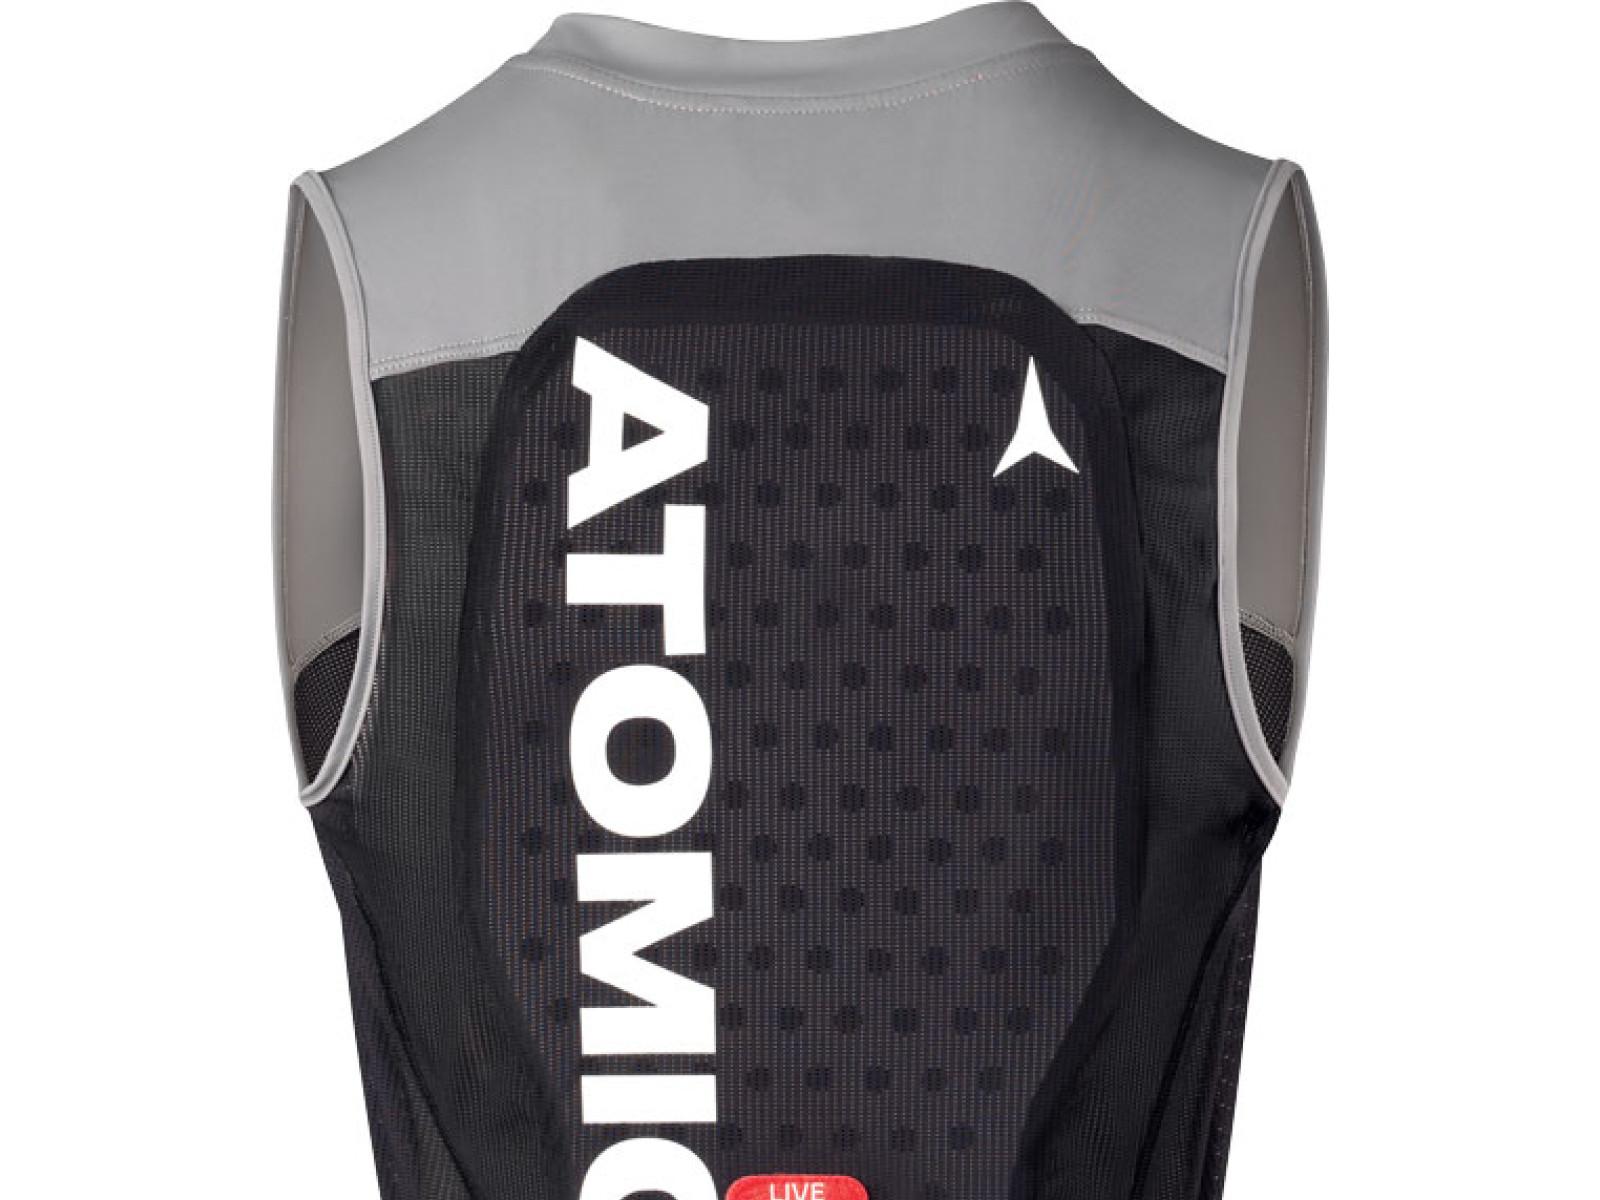 Atomic Live Shield Vest M - černá/šedá Velikost chrániče: S 2019/2020